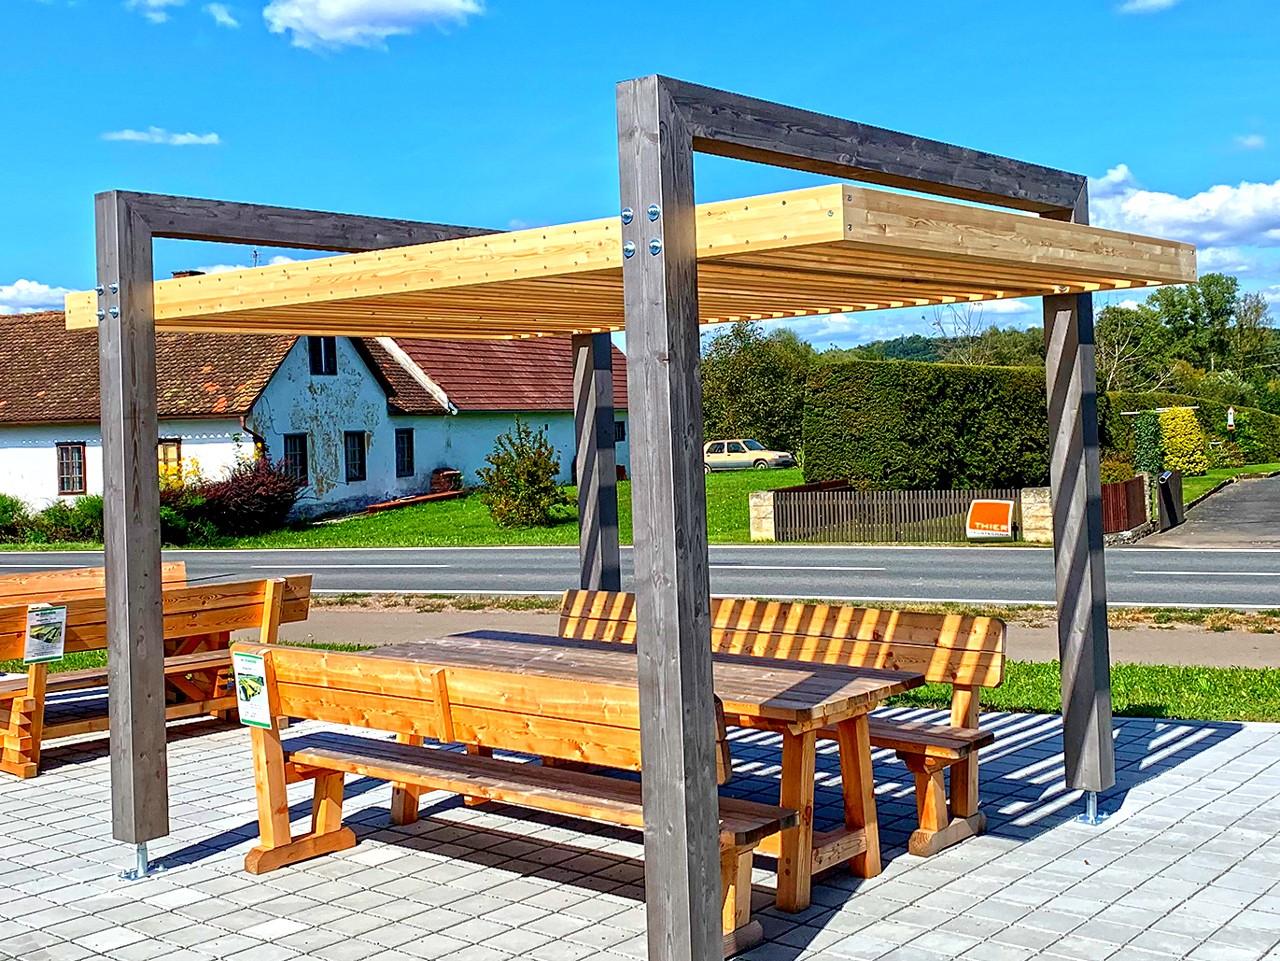 Holz Braunstein Garten Freizeit Sitzgarnituren